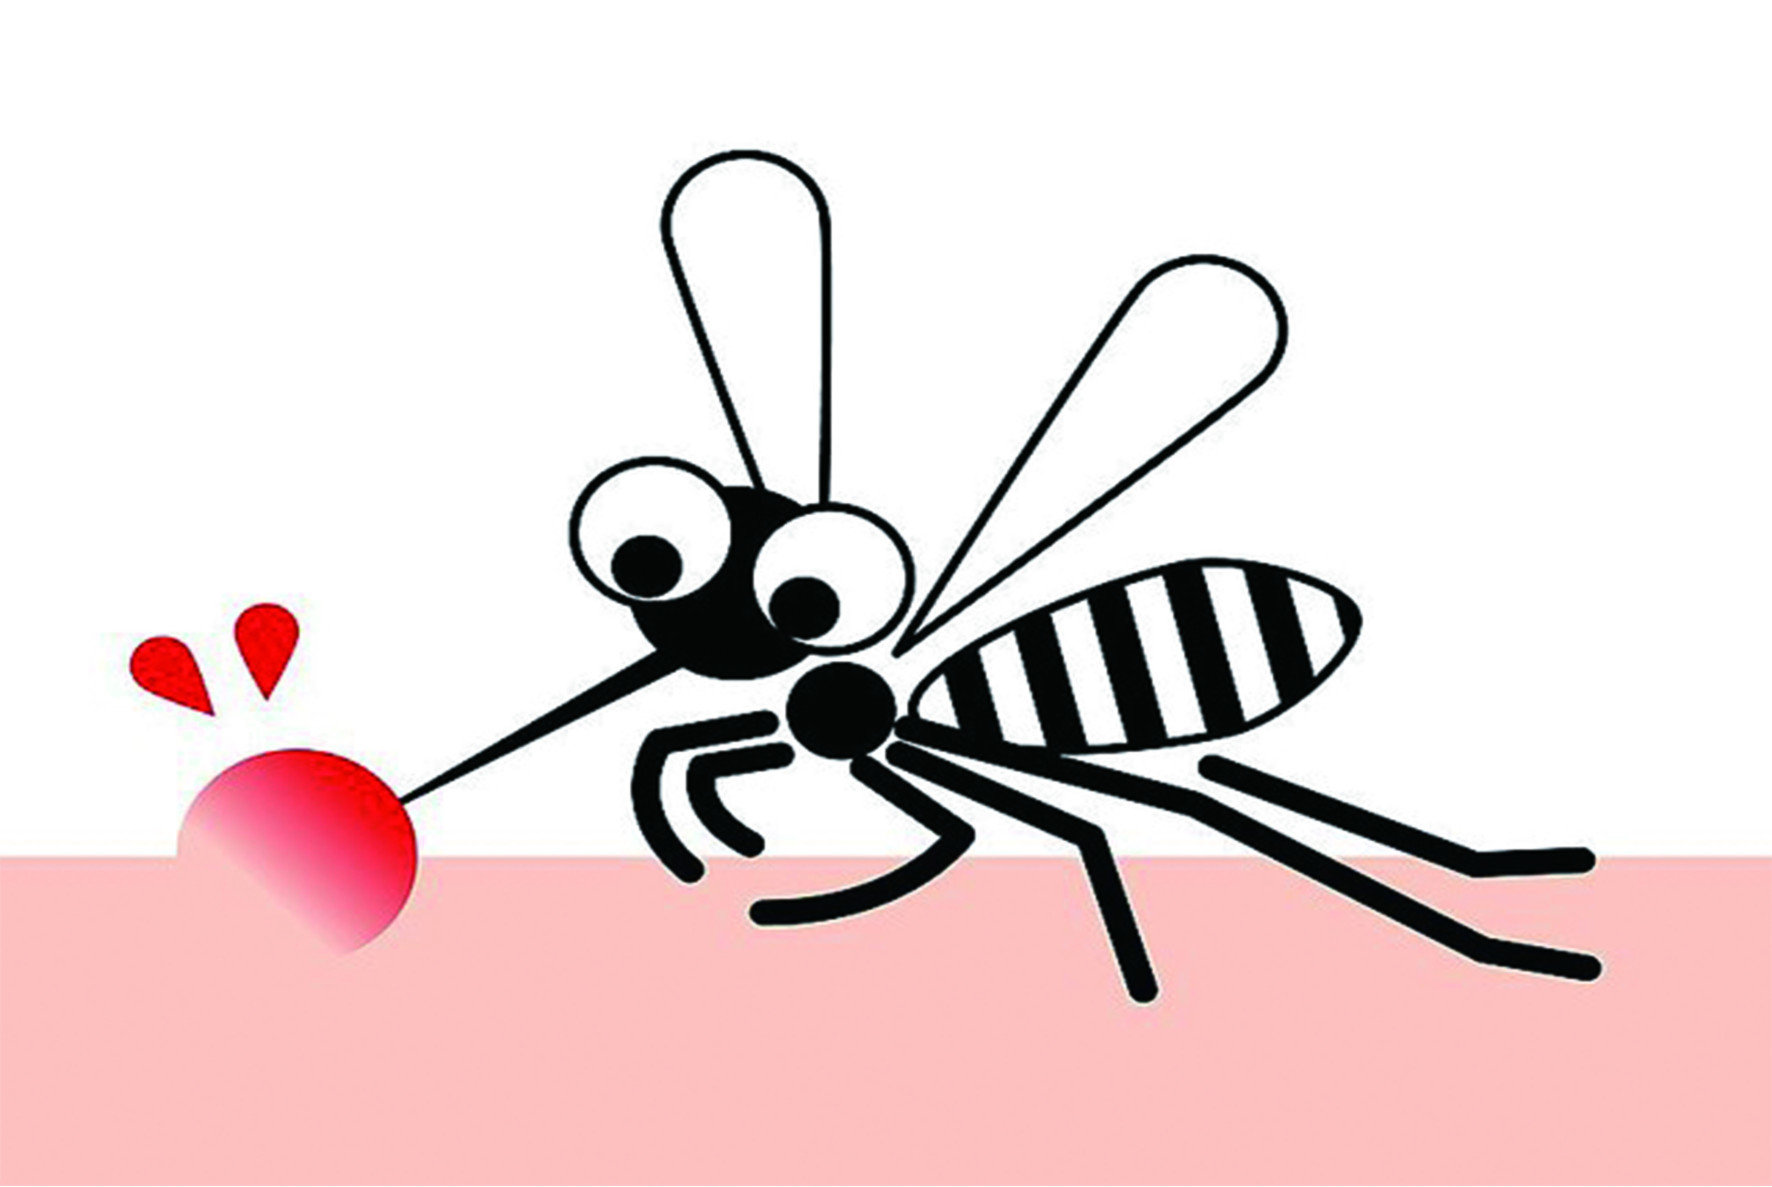 在被小黑蚊或其他蚊蟲叮咬後,會產生俗稱的「紅豆冰」,經常癢到睡不著。而小黑蚊的飛行高度,多半在一公尺一下,所以最常被叮咬的部位是小腿與膝蓋等地方,其他蚊蟲的叮咬範圍可遍及全身。